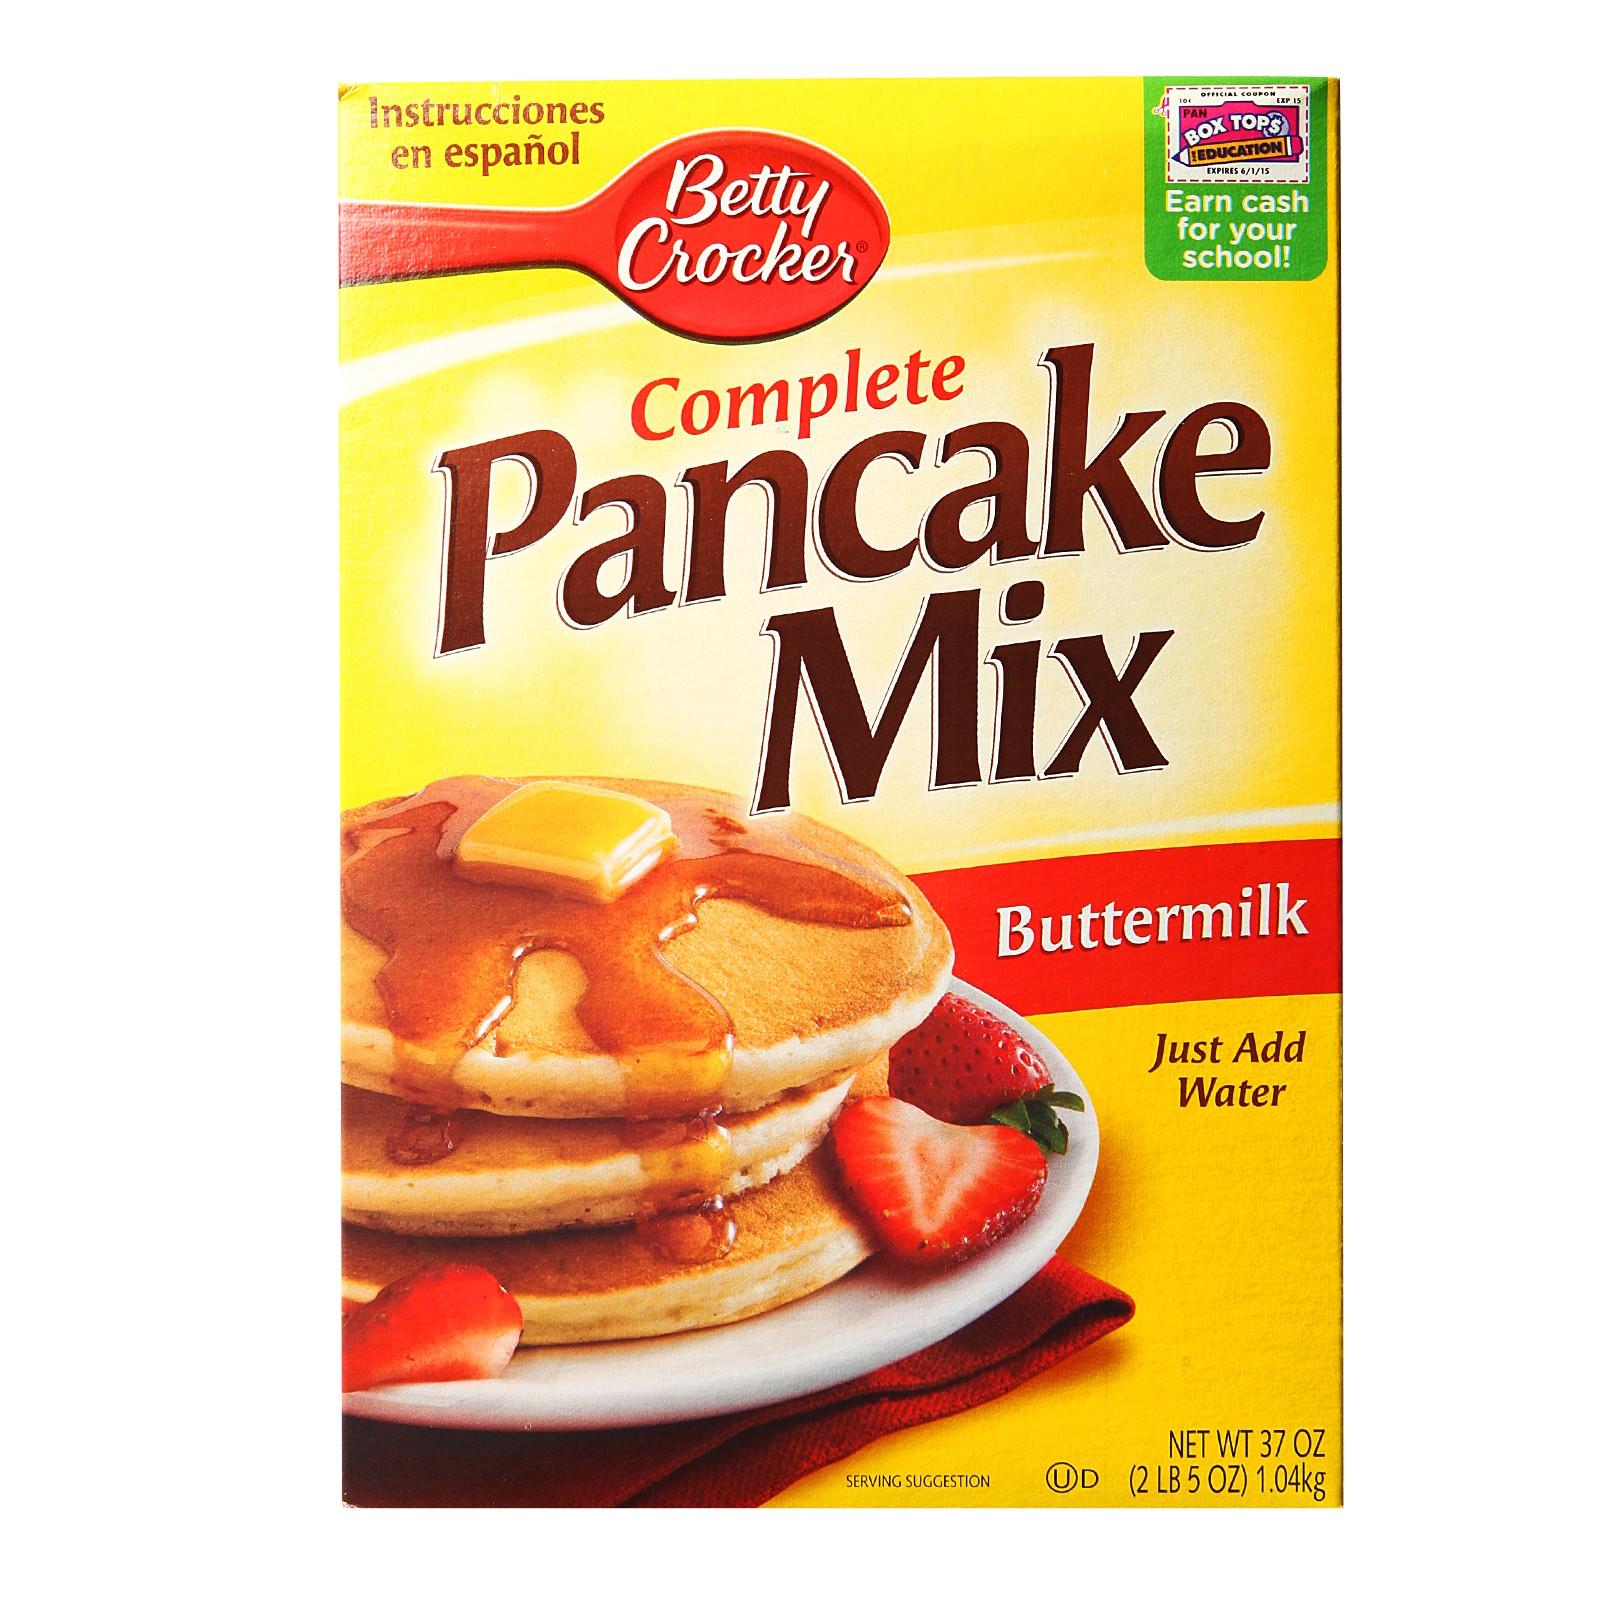 Betty Crocker Pancake Mix Image